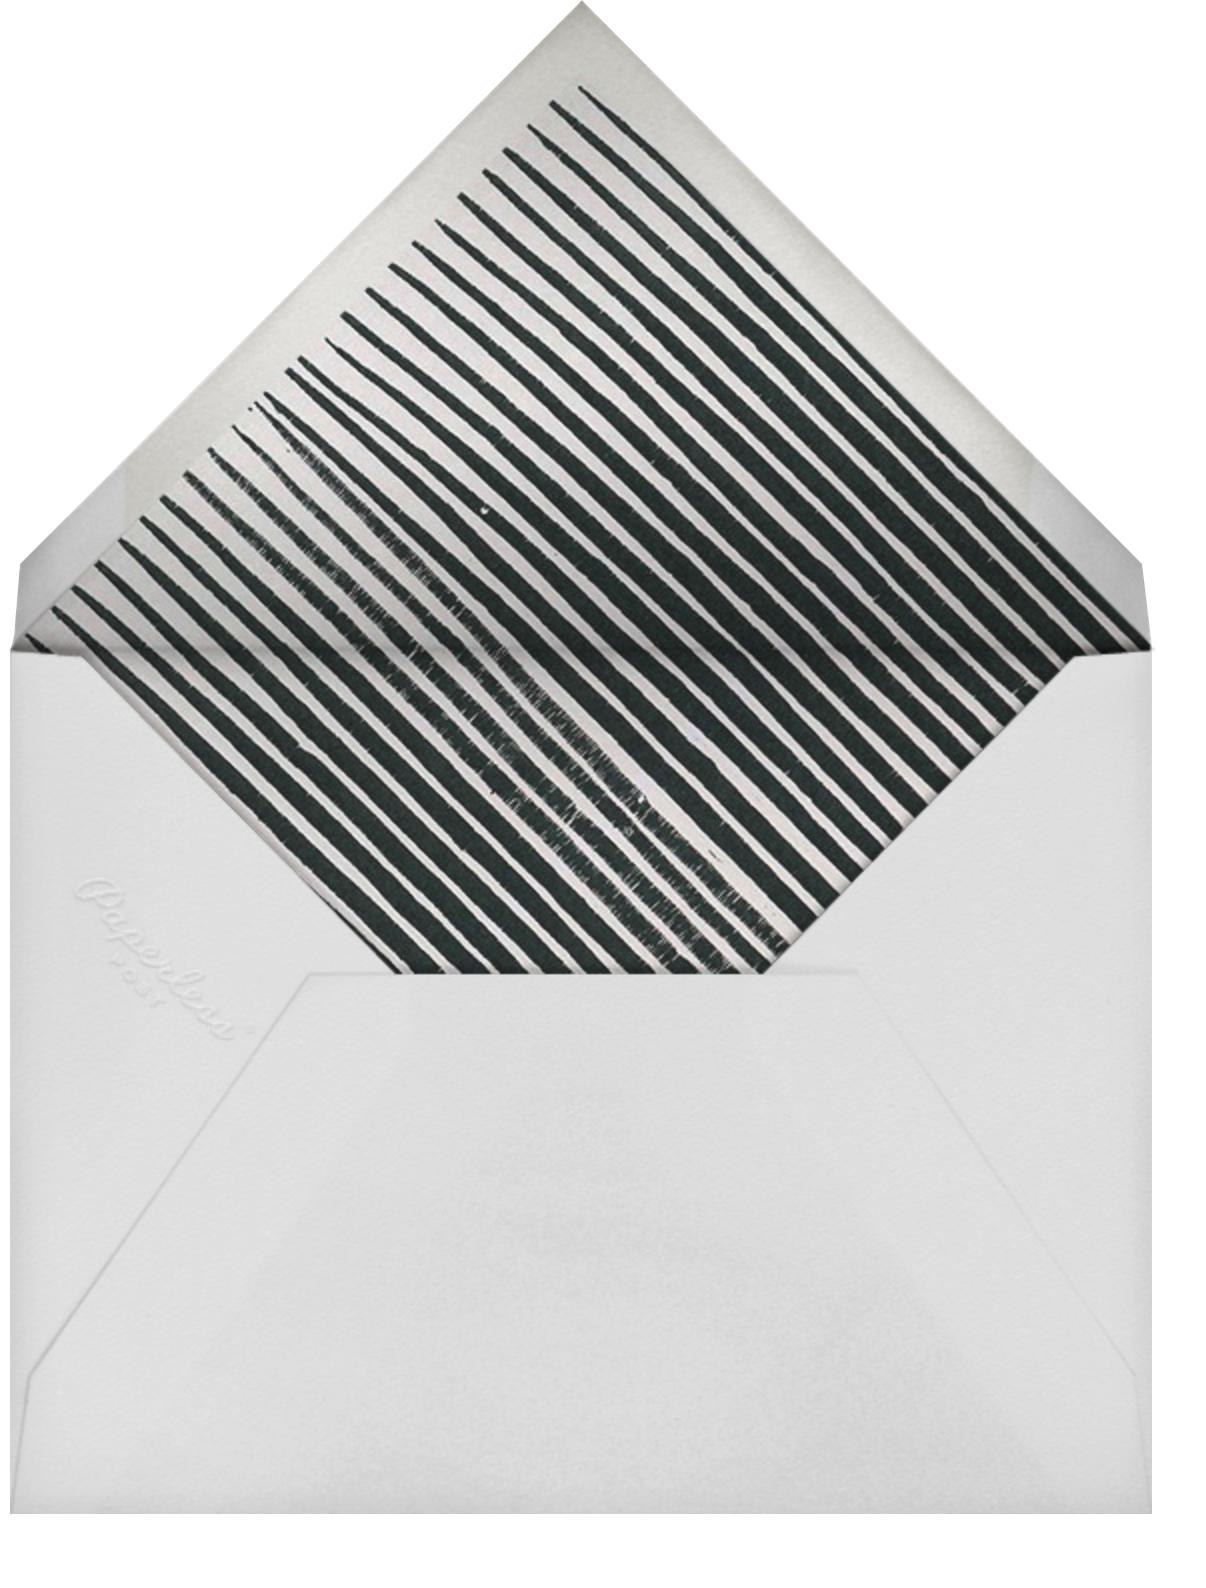 Fette - Gold/White - Kelly Wearstler - Rehearsal dinner - envelope back